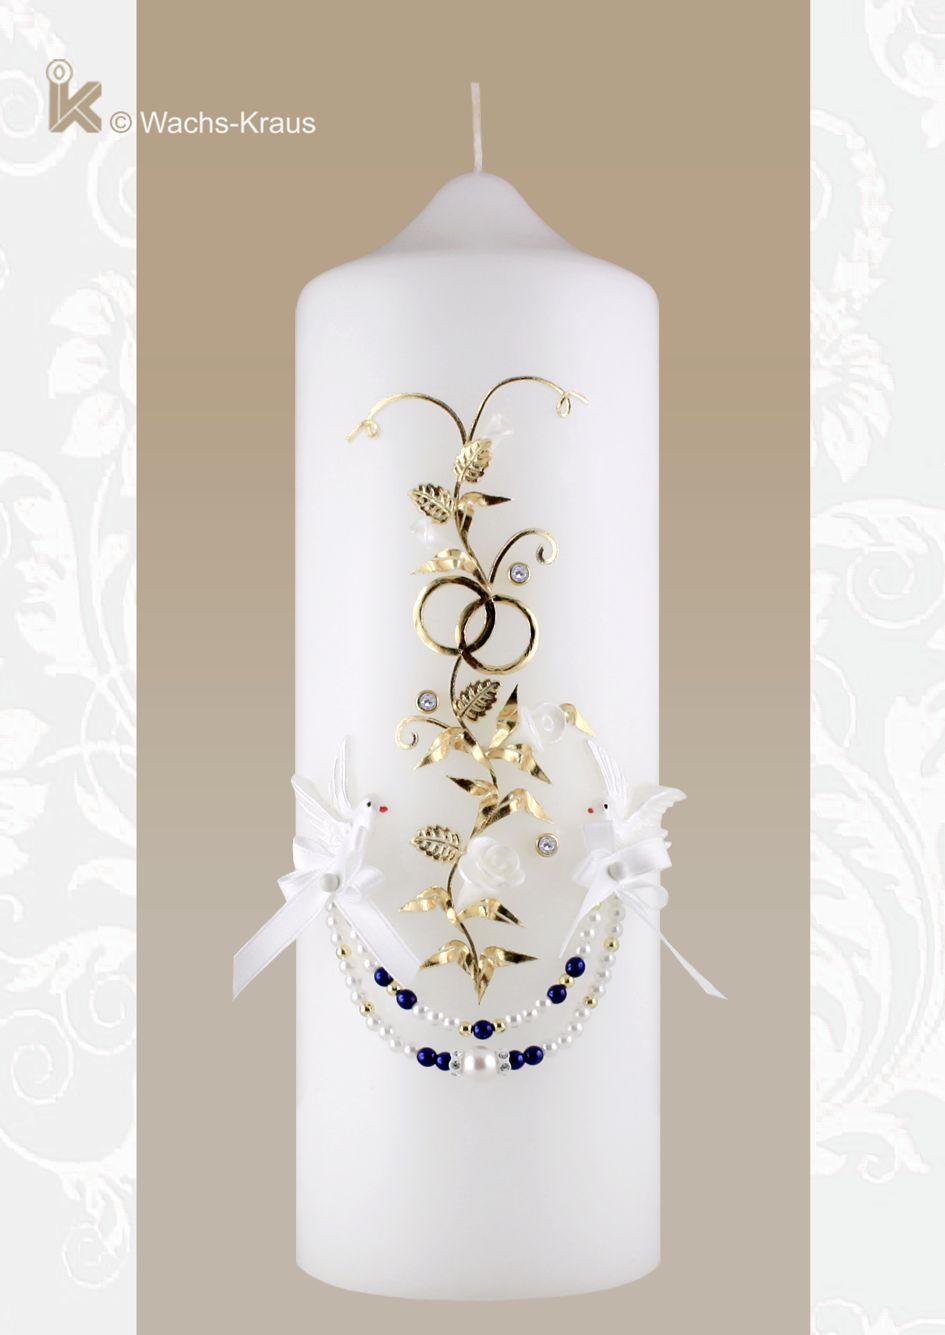 Detailreich verzierte Hochzeitskerze mit der zarten Blumenranke, weißen, Blüten, den kleinen Blättern mit i feinen Blattadern den goldfarbenen Ringen